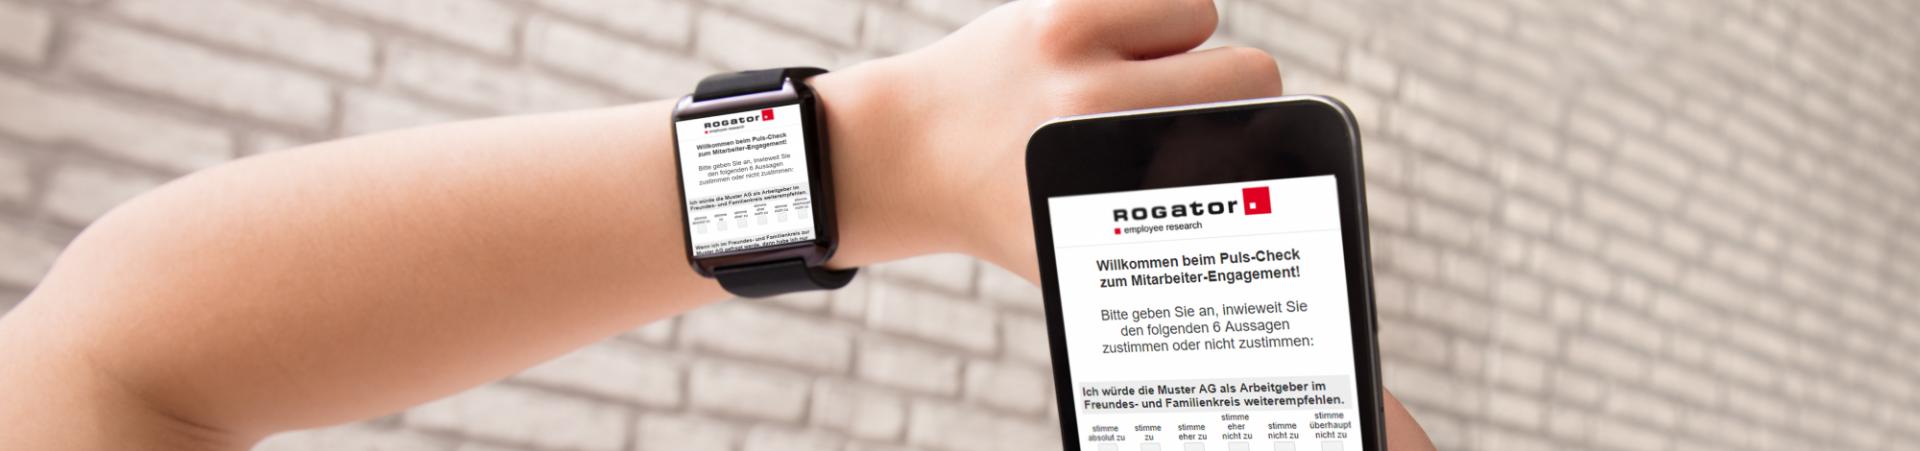 Rog Puls-Befragung 2 Smartwatch und Smartphone